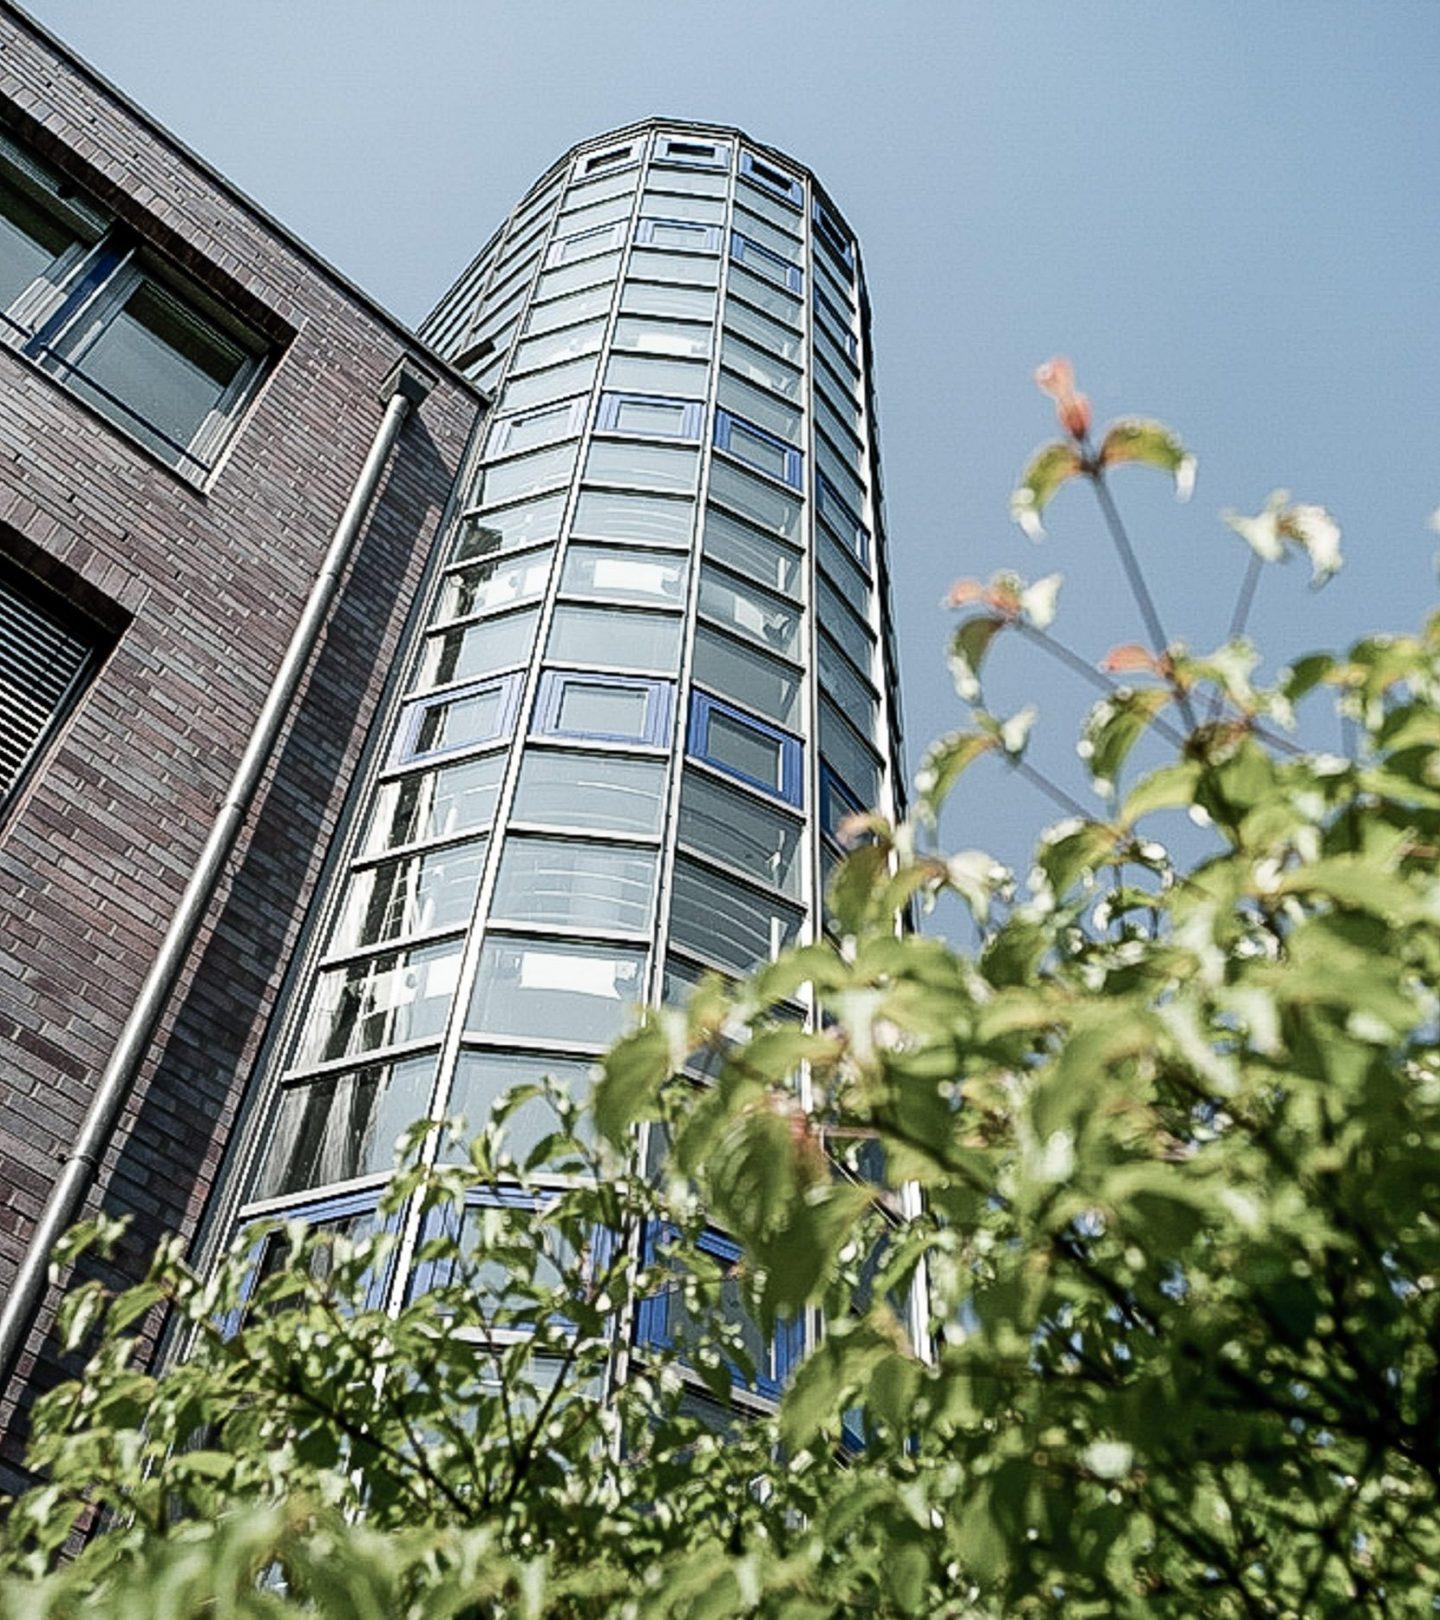 Dorotheenstraße Hamburg - Glasturm des Gebäudes